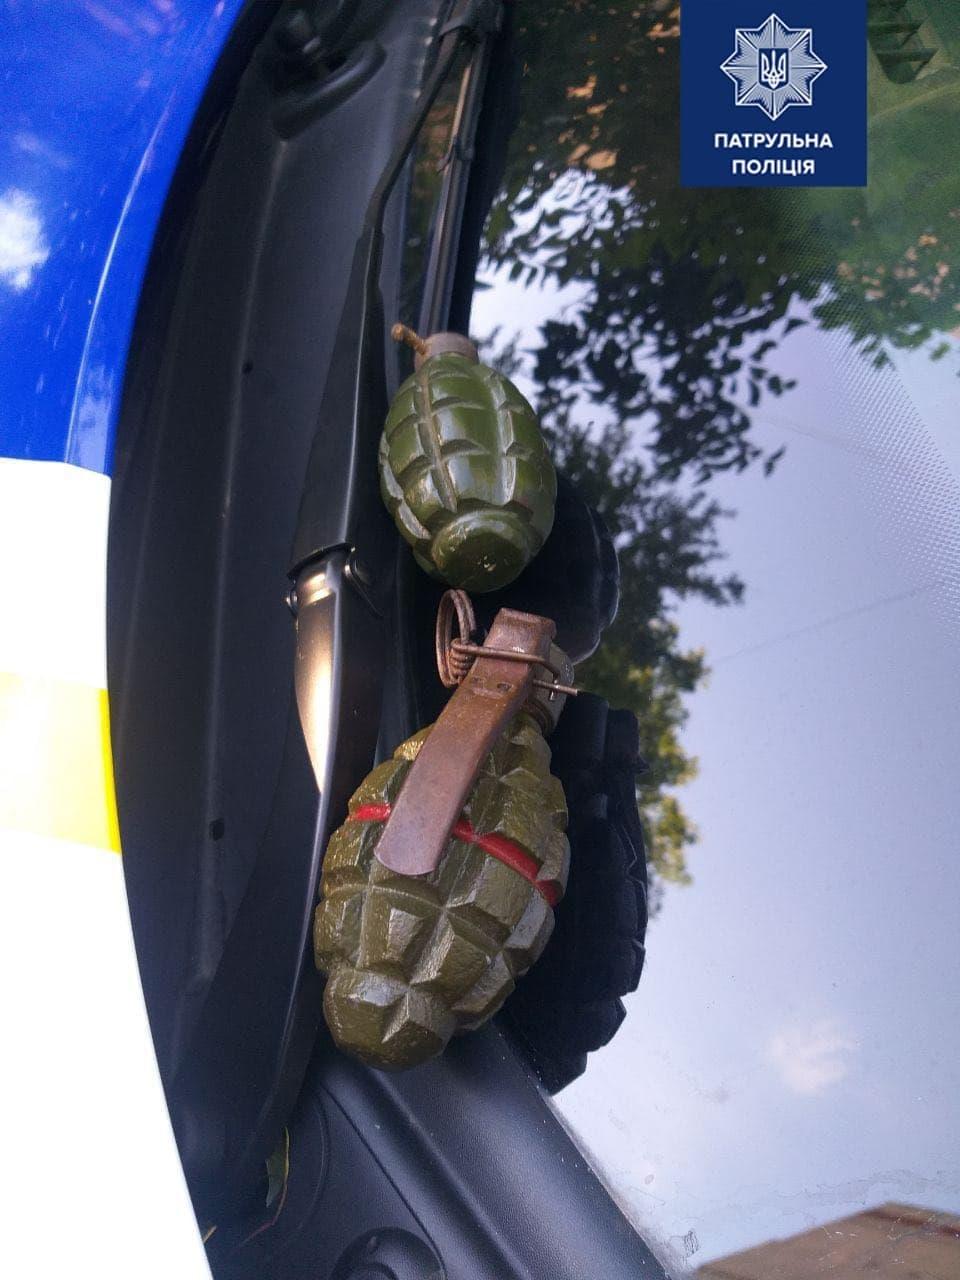 """""""Взрывателя"""" задержали. Фото Патрульной полиции"""